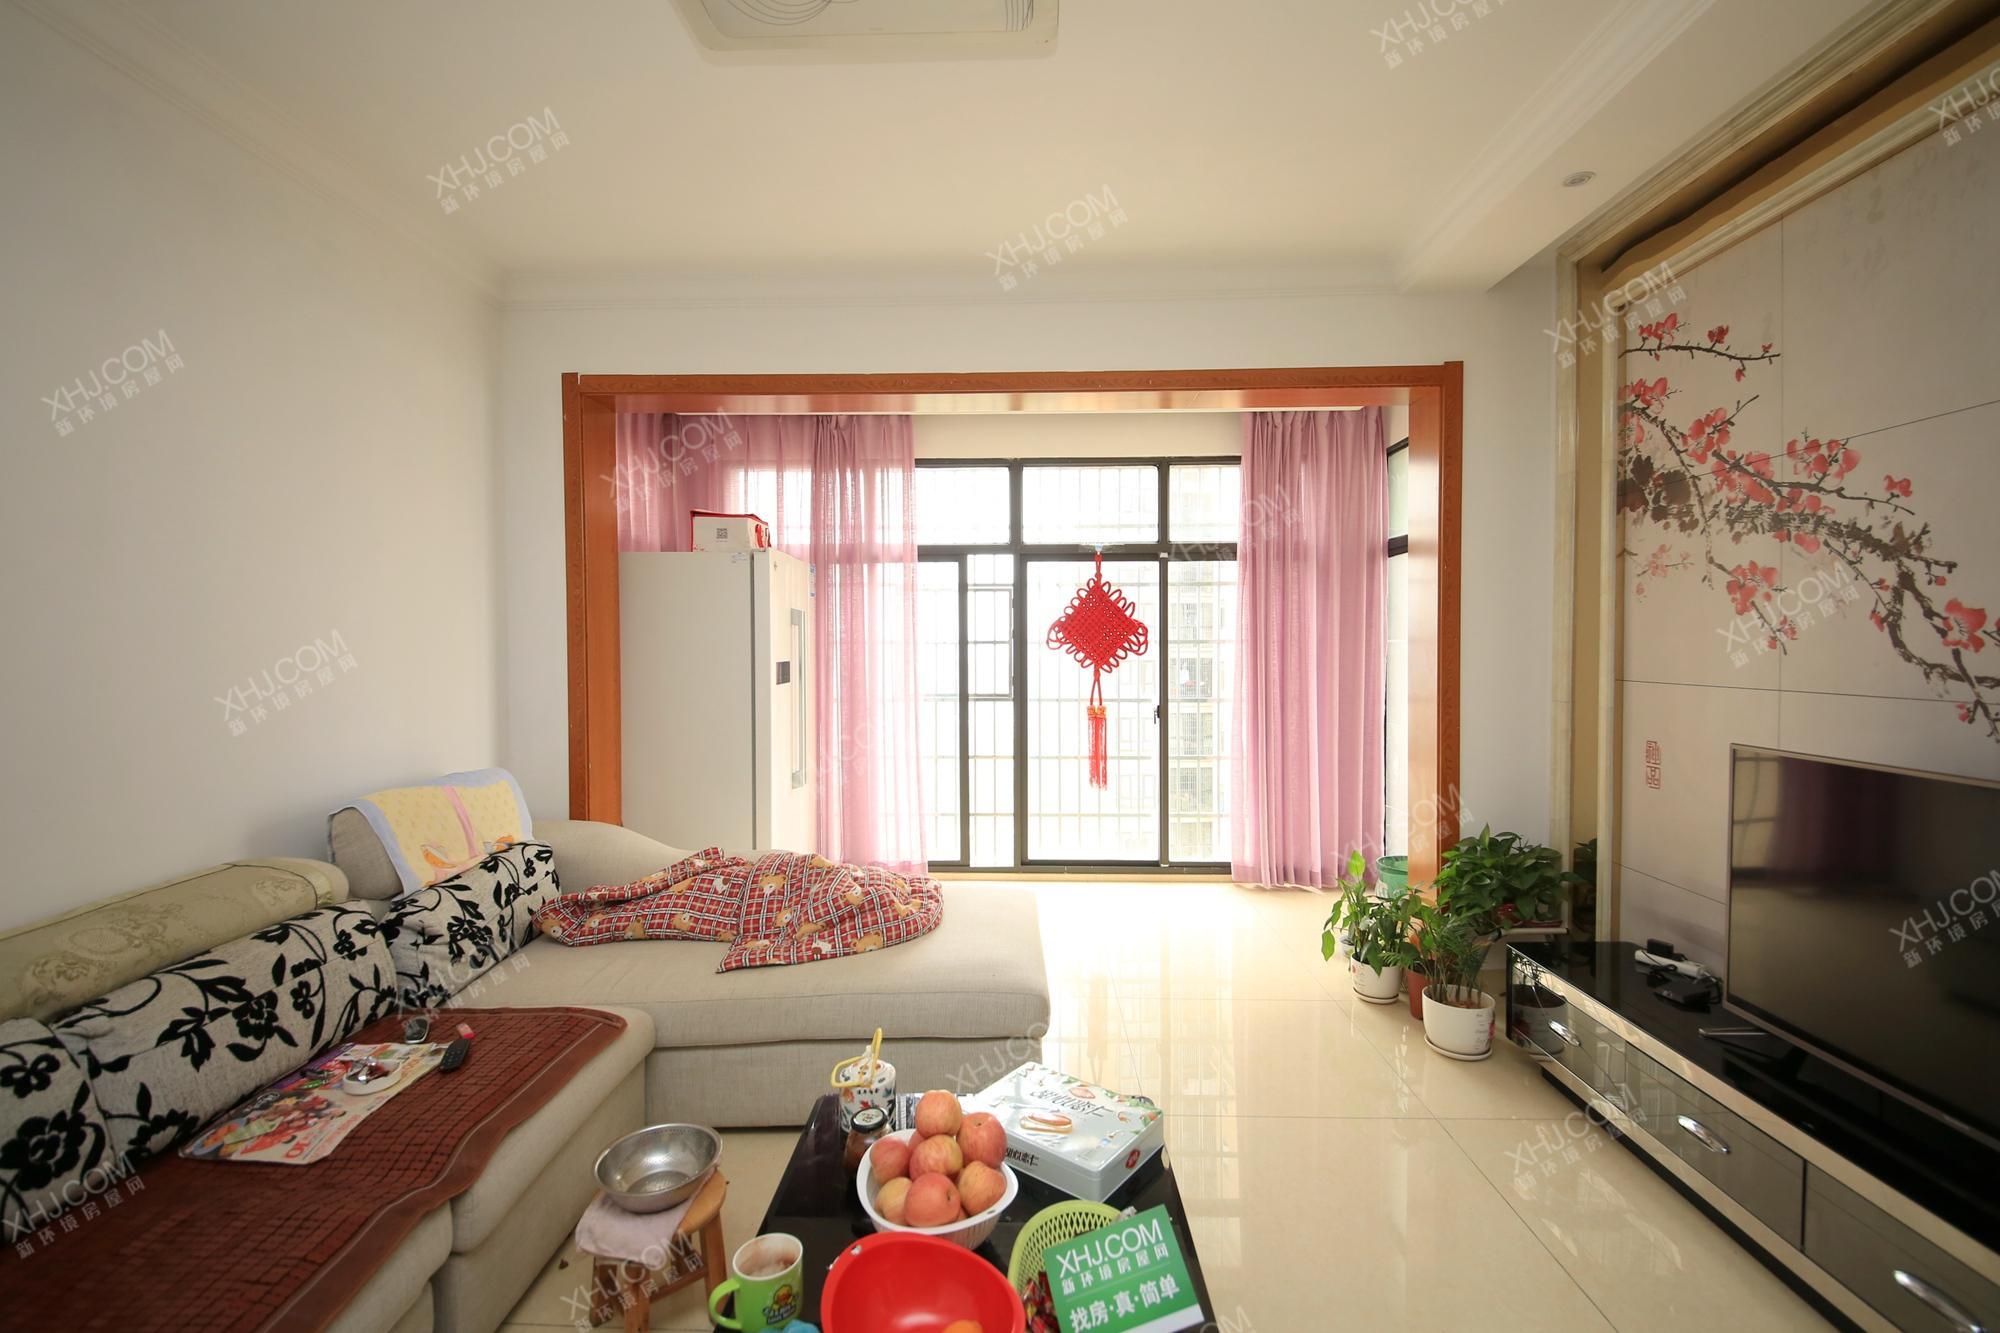 七里香榭电梯精装3房,90平96万